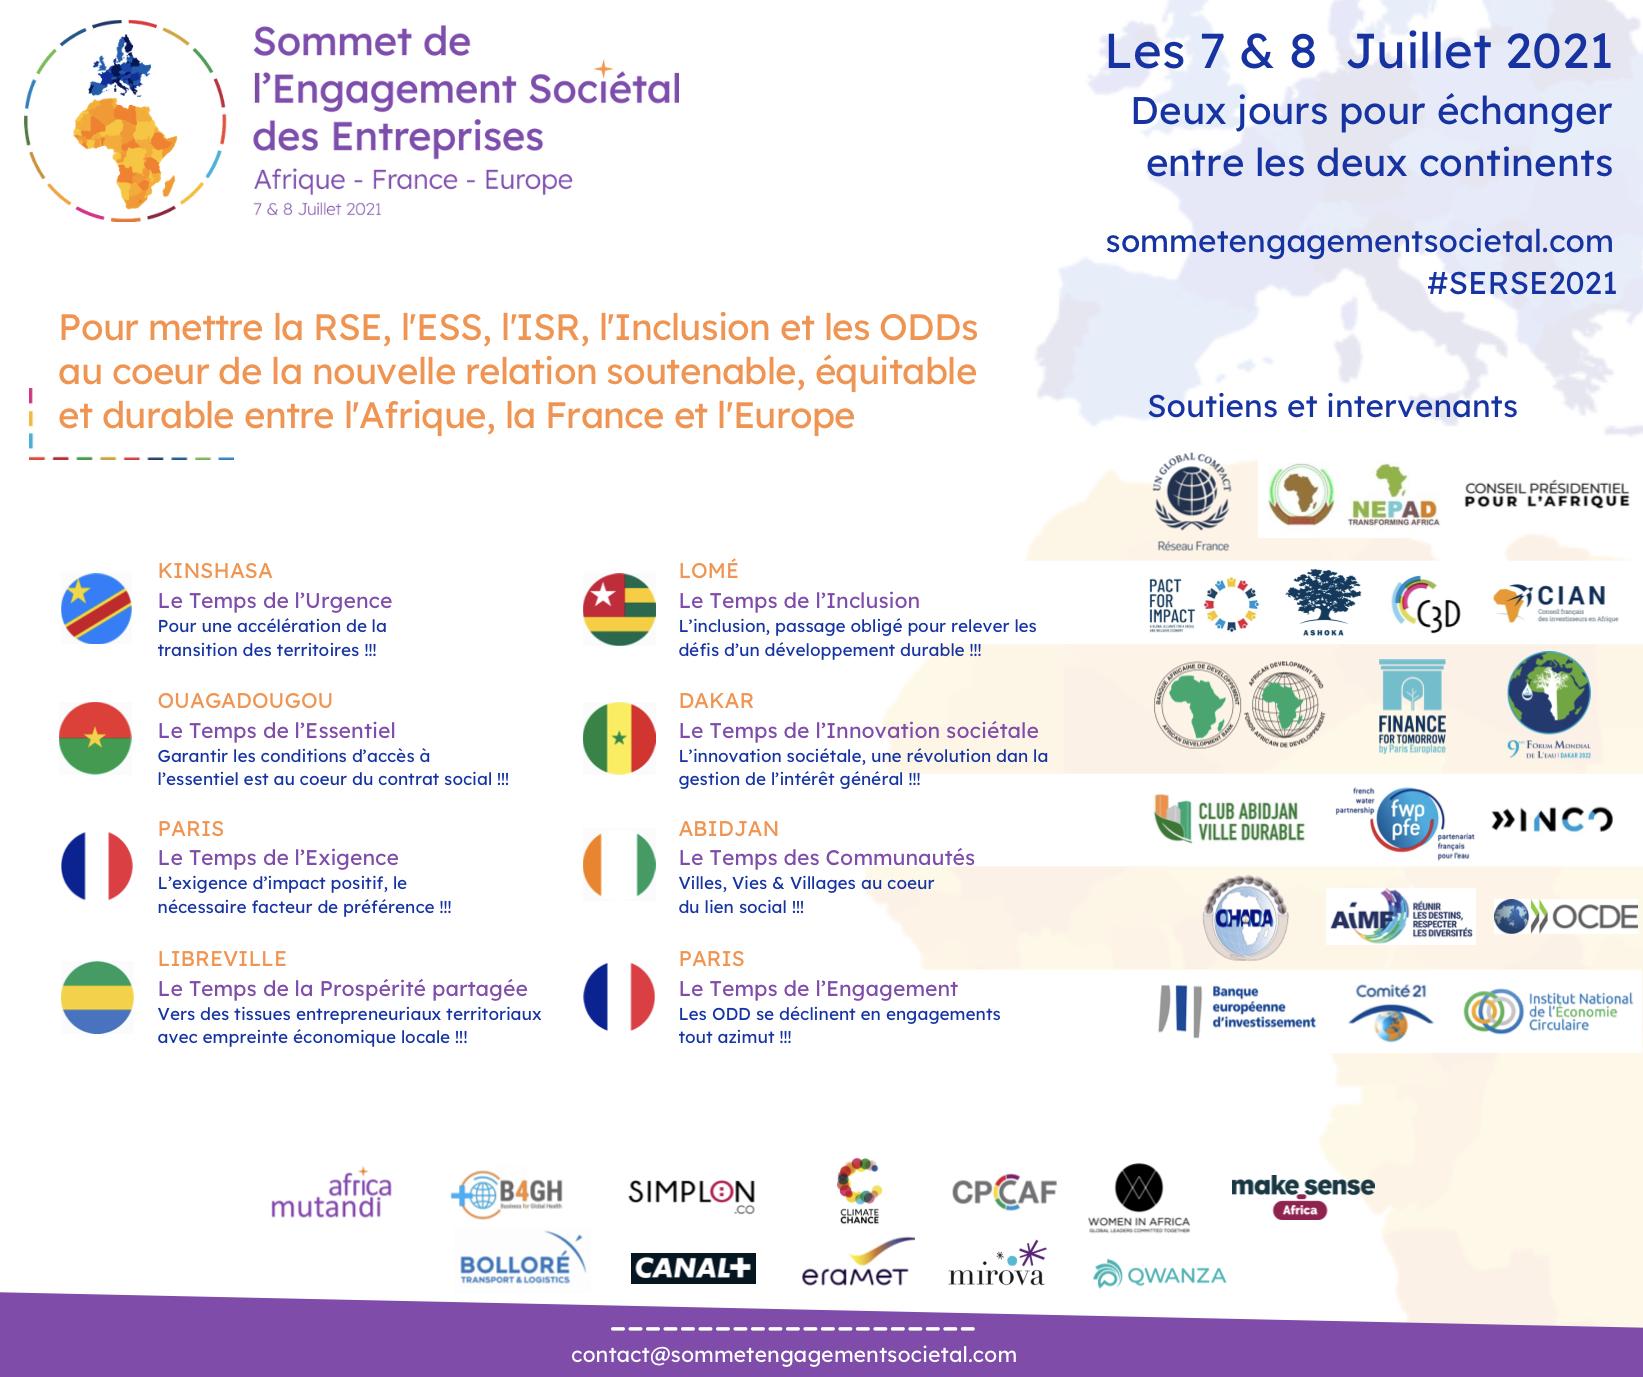 Le 1er Sommet sur l'Engagement Sociétal des Entreprises entre l'Afrique, la France & l'Europe se tiendra les 7 & 8 juillet depuis six capitales africaines & Paris